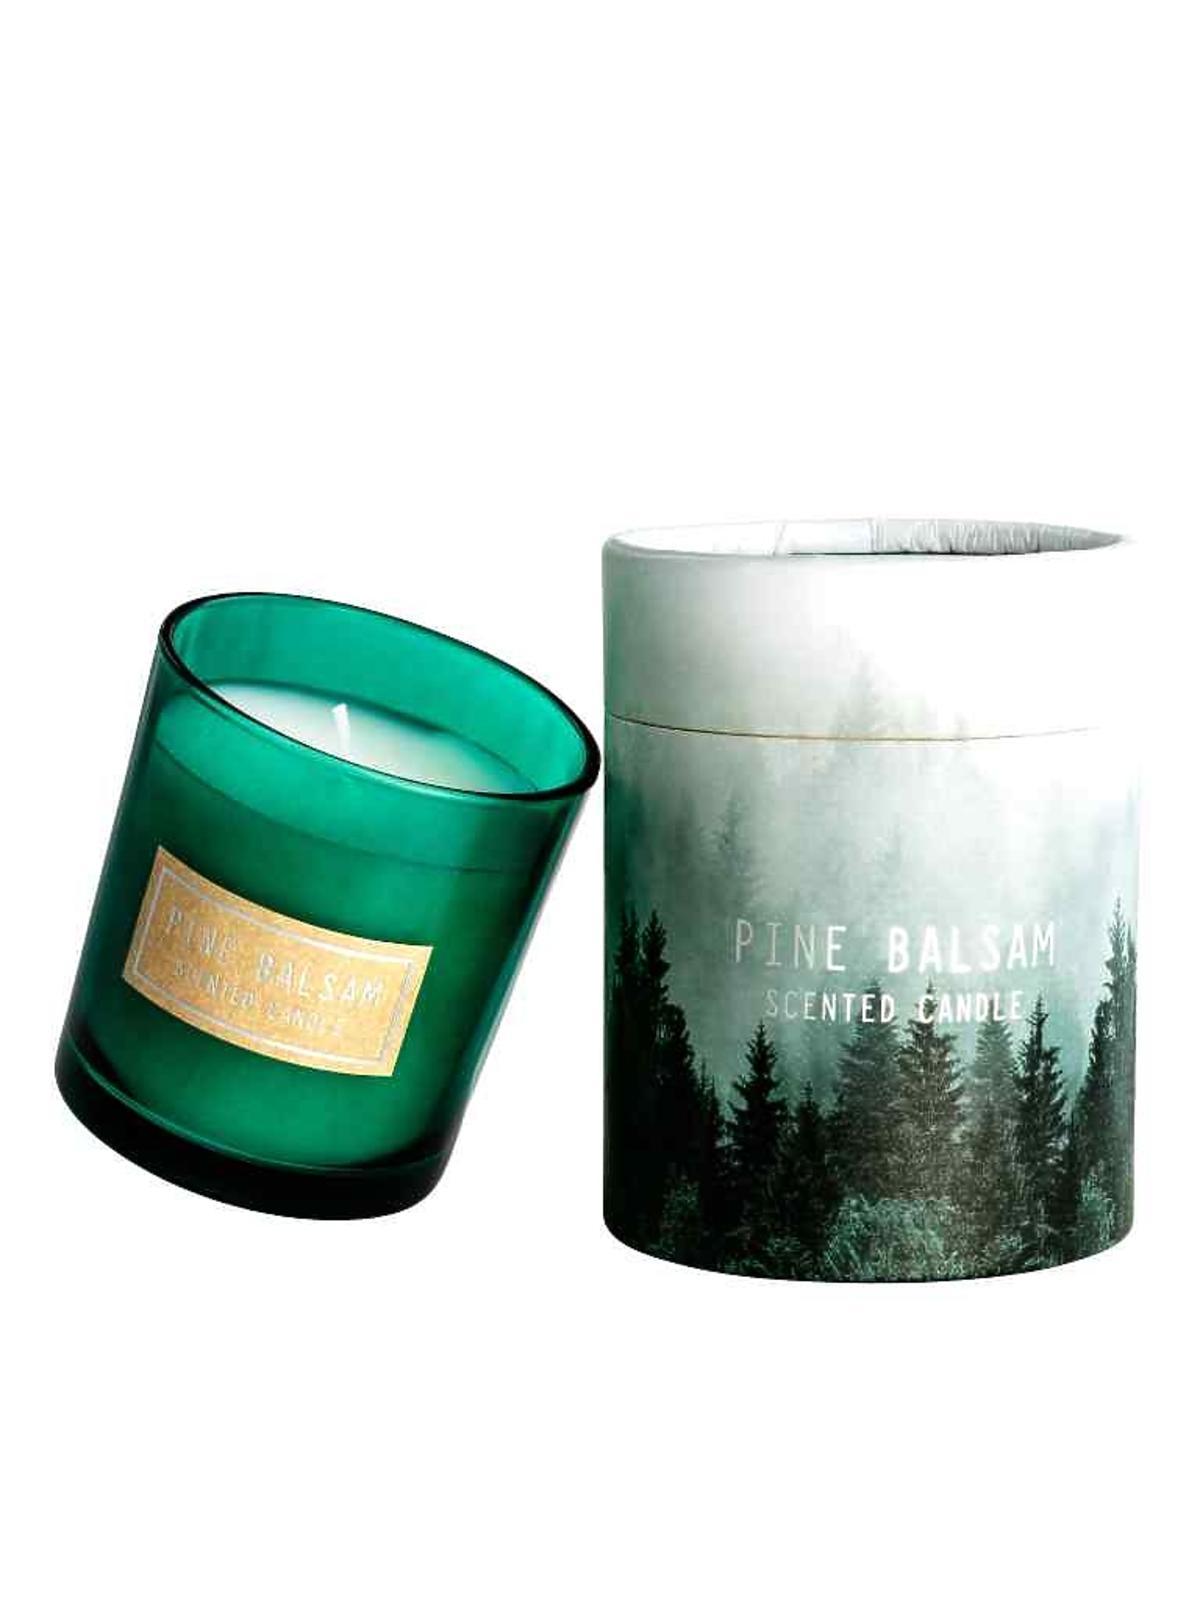 Wyprzedaż H&M Home 2016 jesień zima: Świeca zapachowa w pojemniku